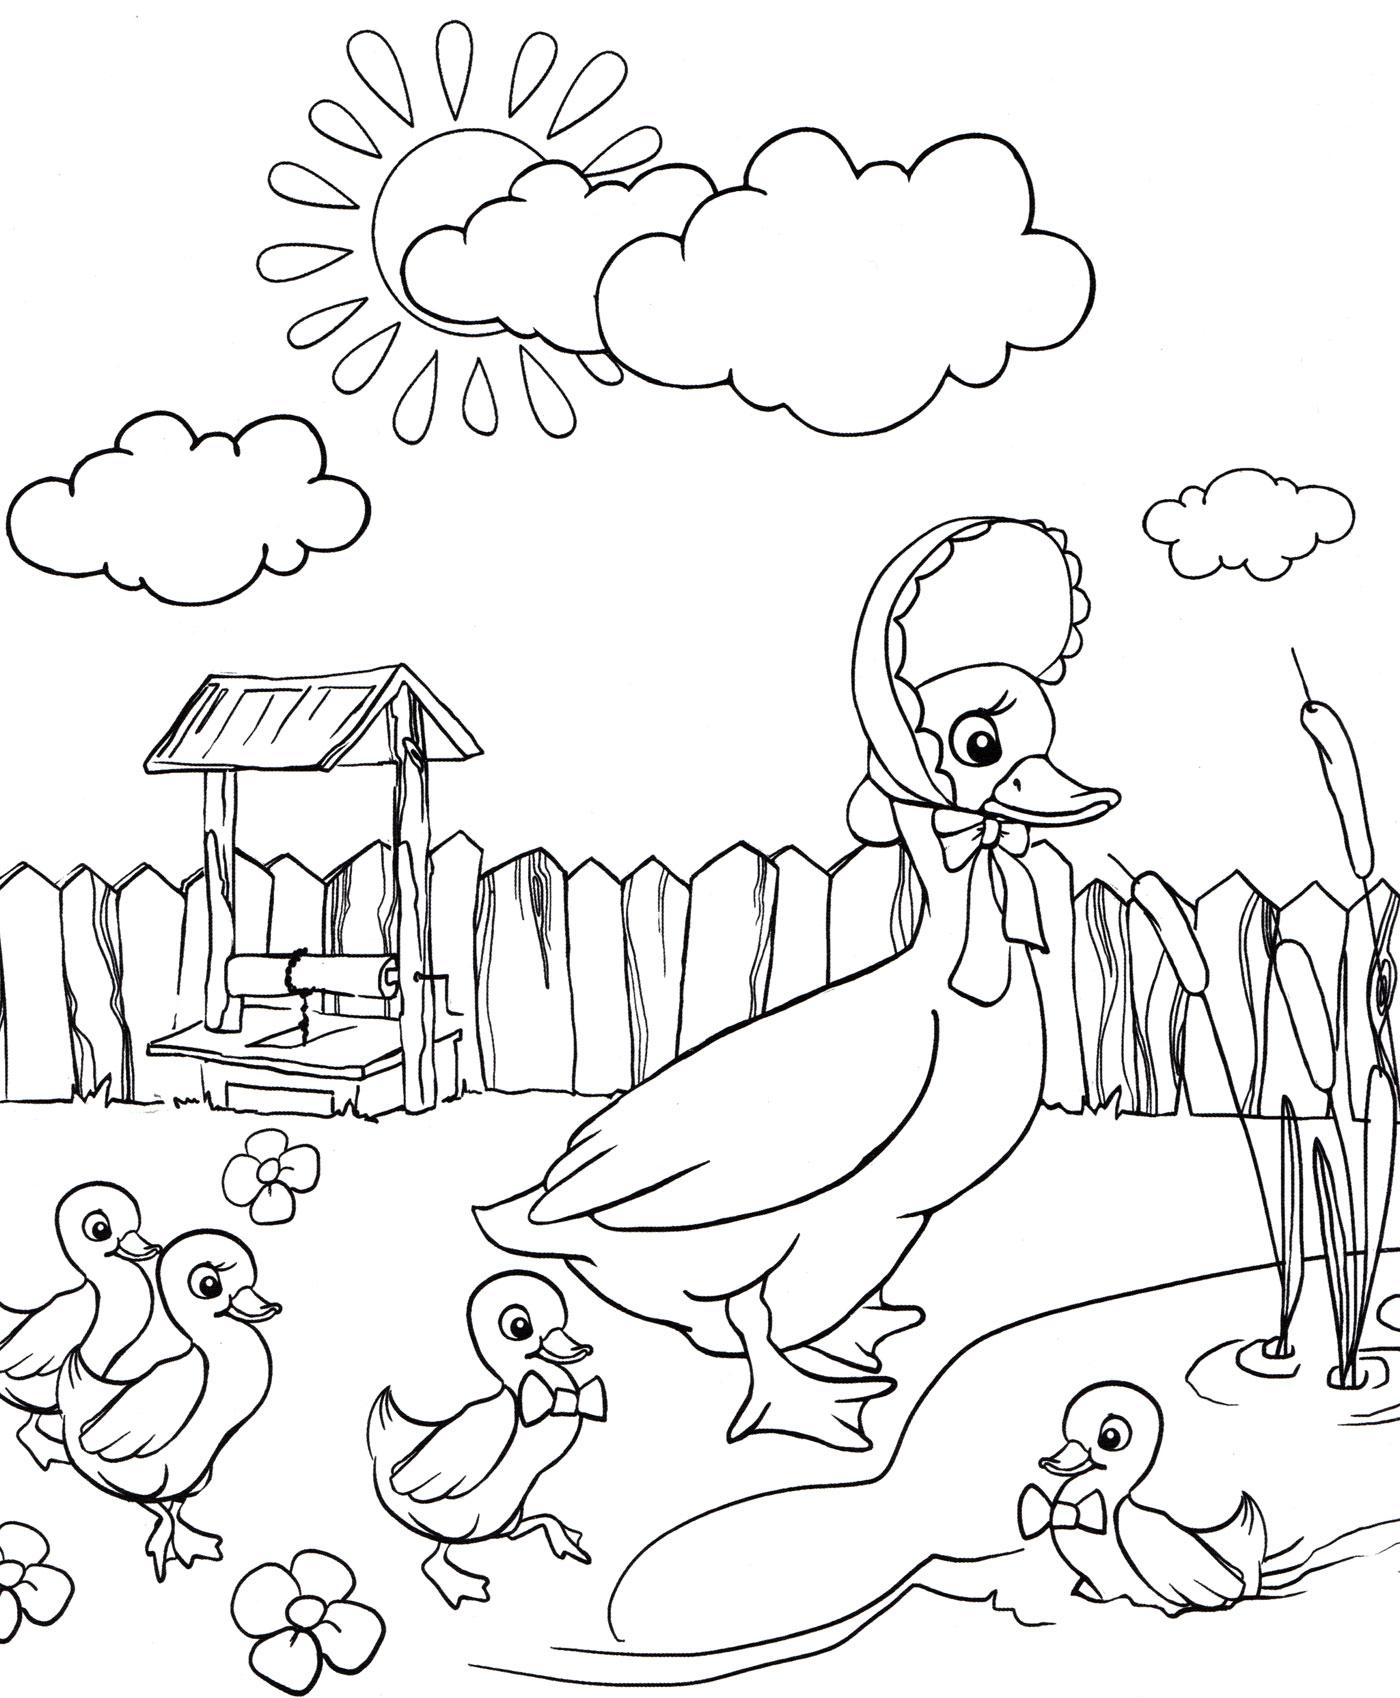 Раскраска Утка и ее детеныши - распечатать бесплатно